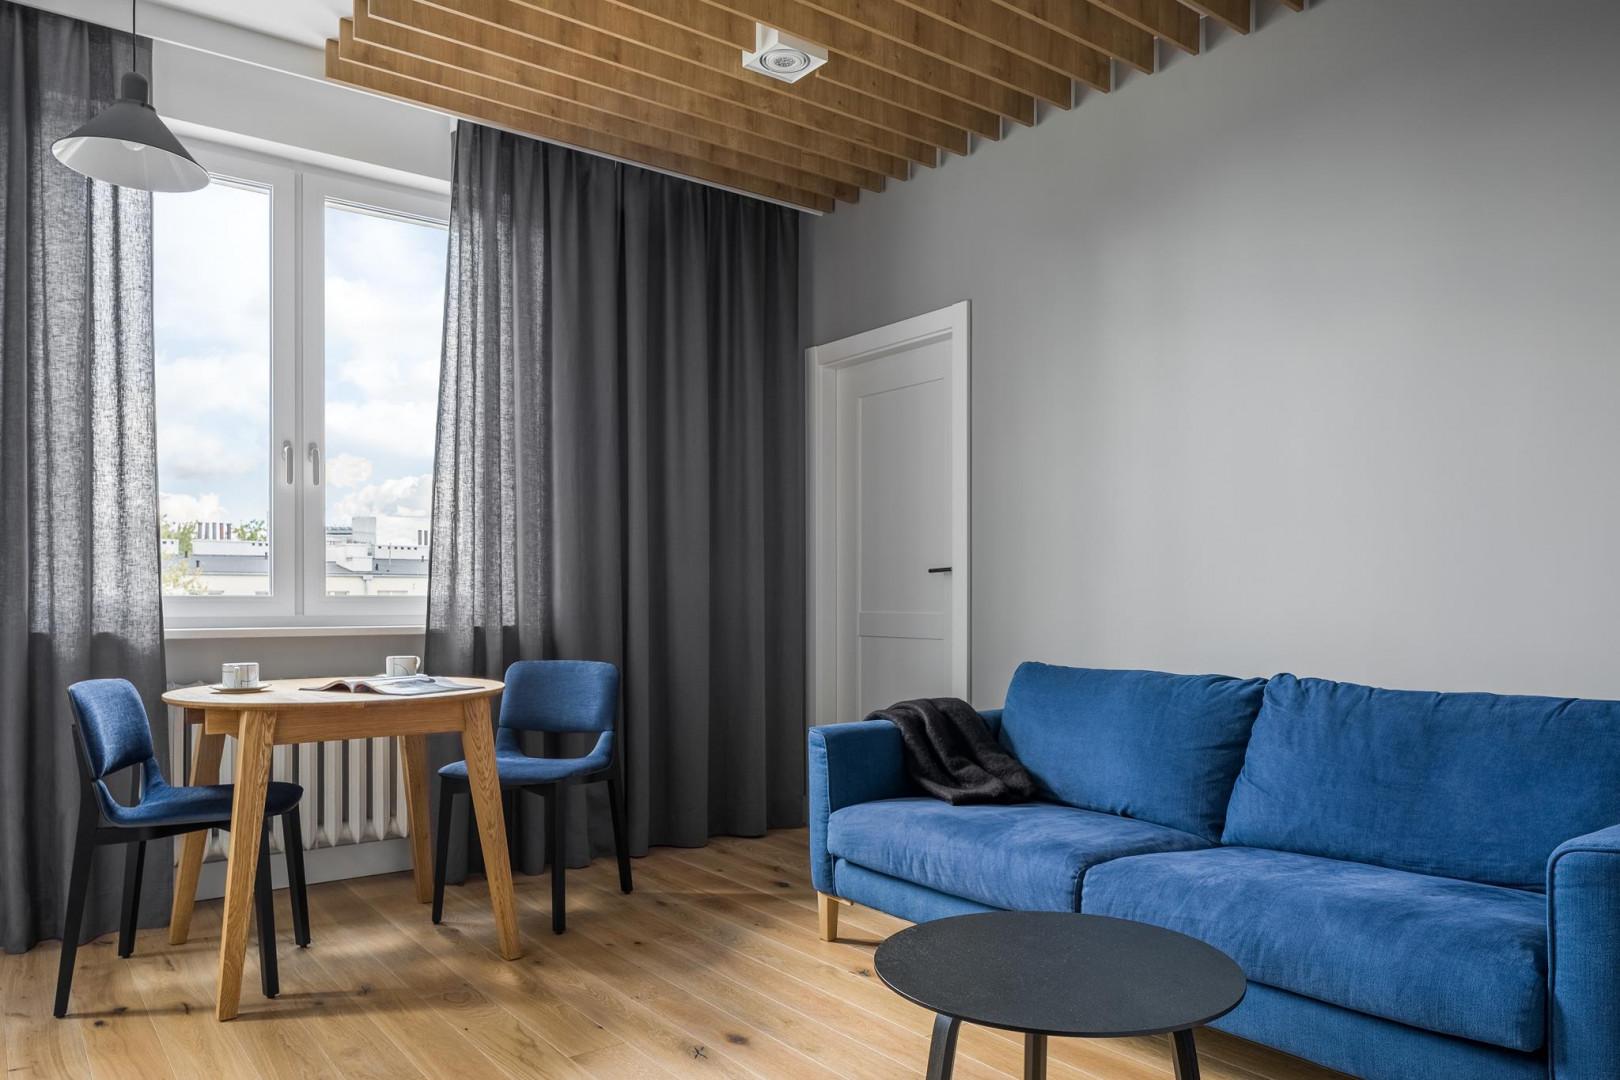 Motywem przewodnim są odcienie niebieskiego, które występują w lakierowanych meblach oraz w tapicerce sofy i krzeseł. Projekt: 3XEL Architekci. Fot. Dariusz Jarząbek